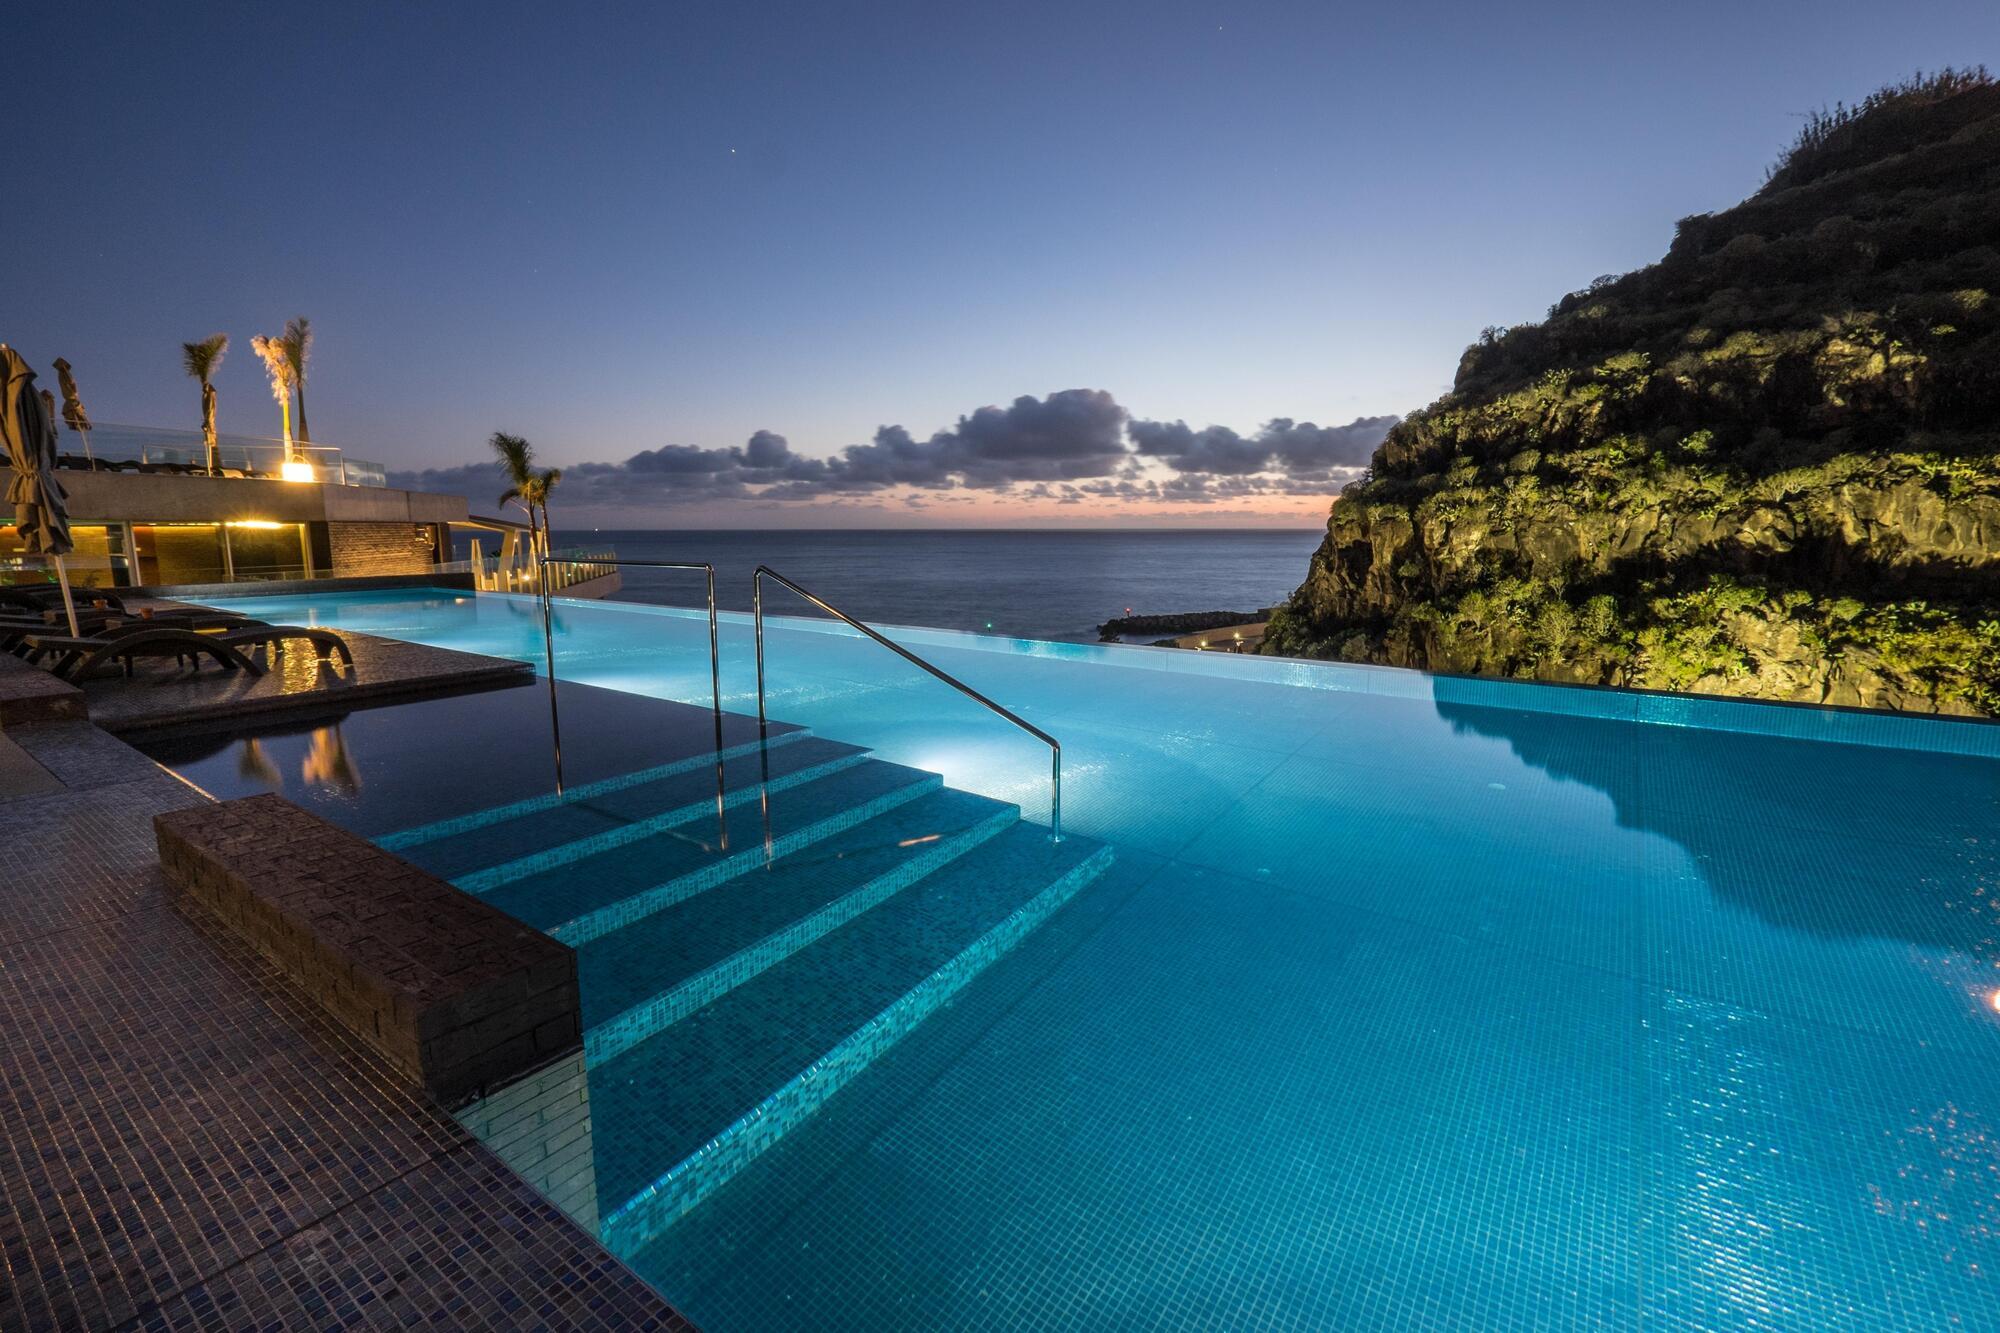 Saccharum Resort And Spa, Calheta, Madeira Image 2